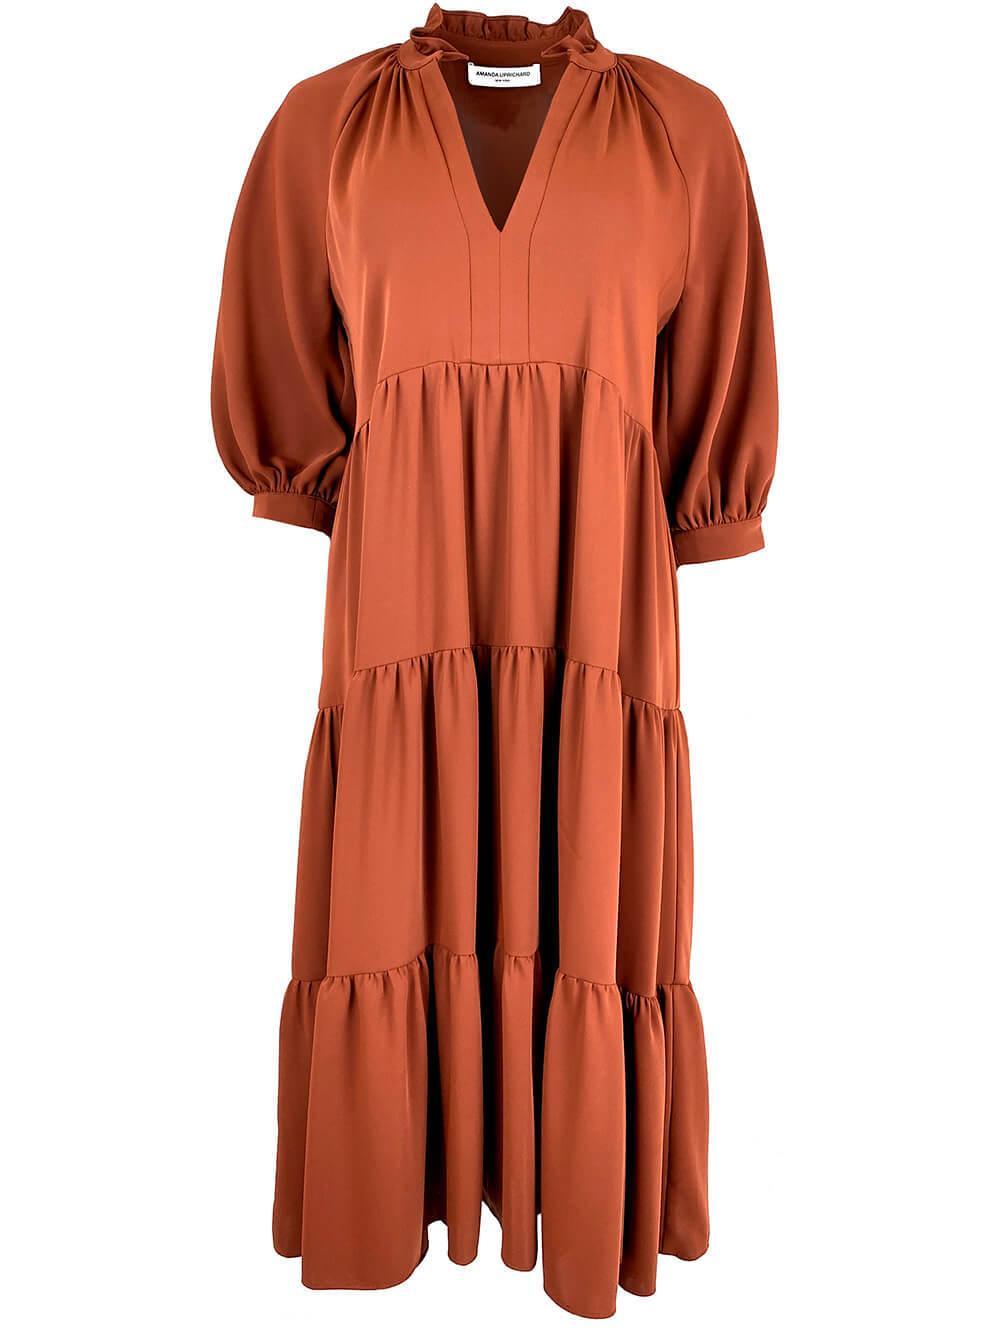 Saffron Midi Dress Item # MO-21048-R21